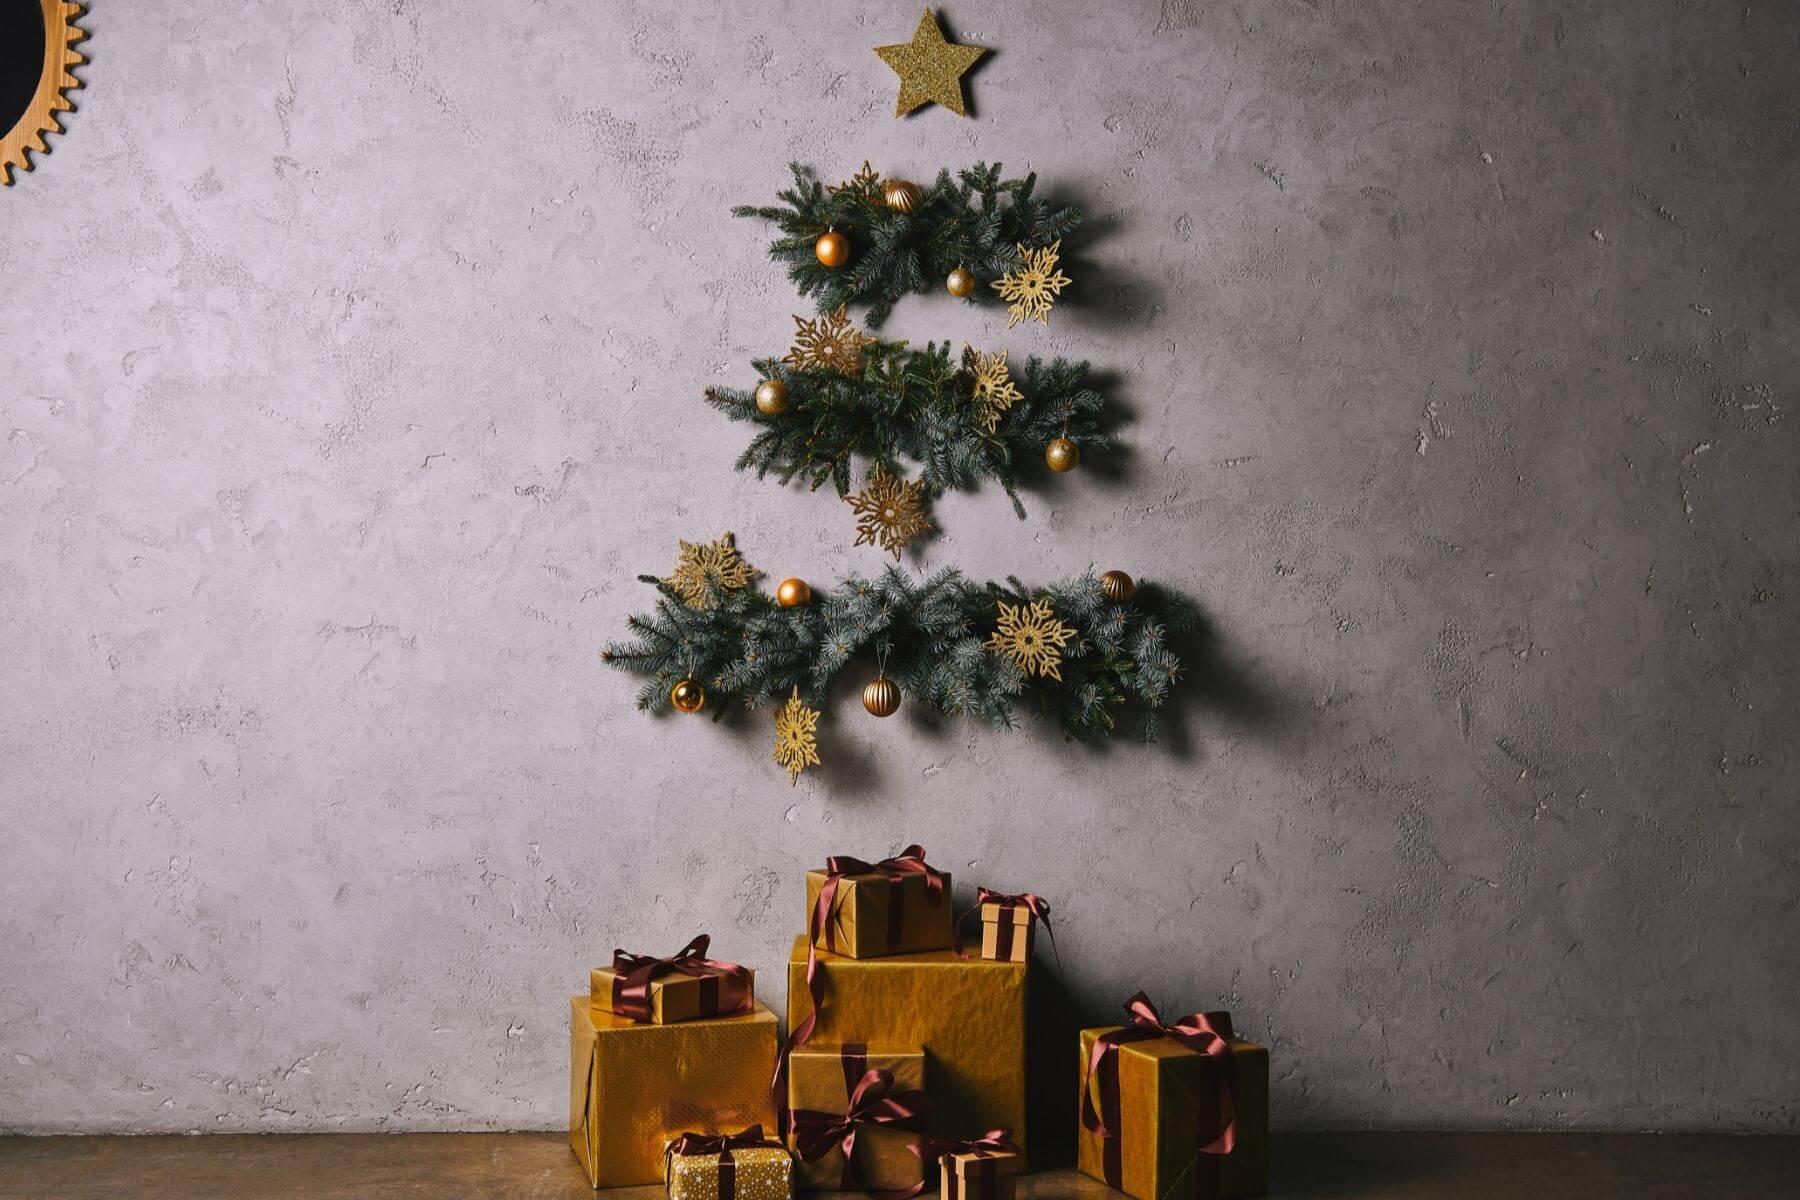 ตกแต่งบ้านวันคริสต์มาส 2020 ต้นคริสต์มาสติดผนัง